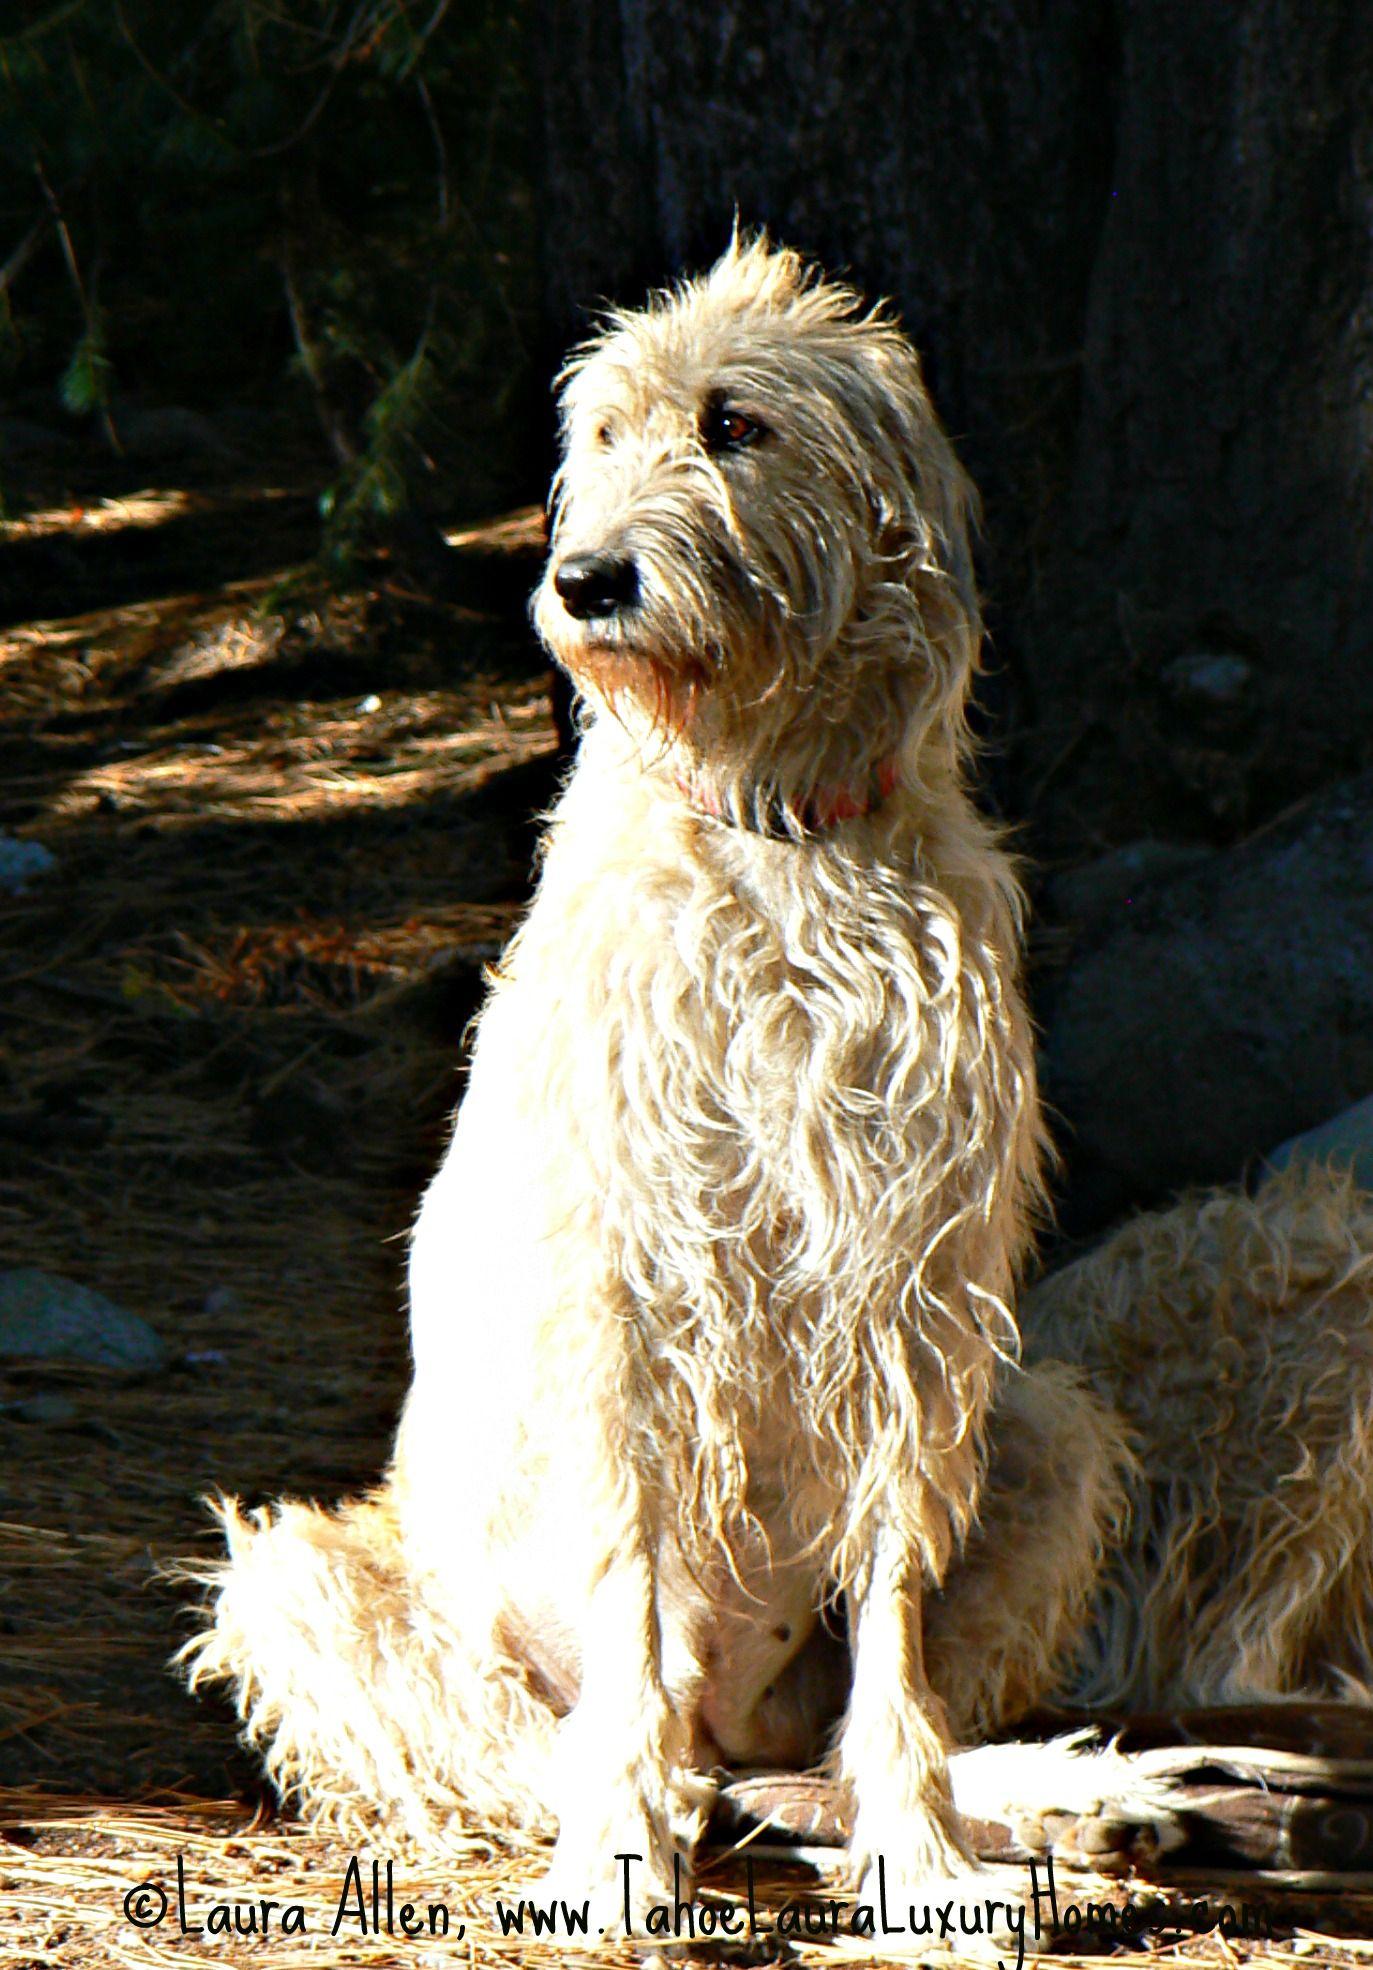 fawn irishfawn irish wolfhound, fawn irish wolfhound puppies, fawn irish, fawn irish acting coach, fawn irish insidious, fawn irish insidious 3, fawn irish actress, fawn irish setter, wheaten fawn irish wolfhound, wheaten fawn irish wolfhound greyhound, fawn meaning irish, fawn in irish language, fawn translation irish